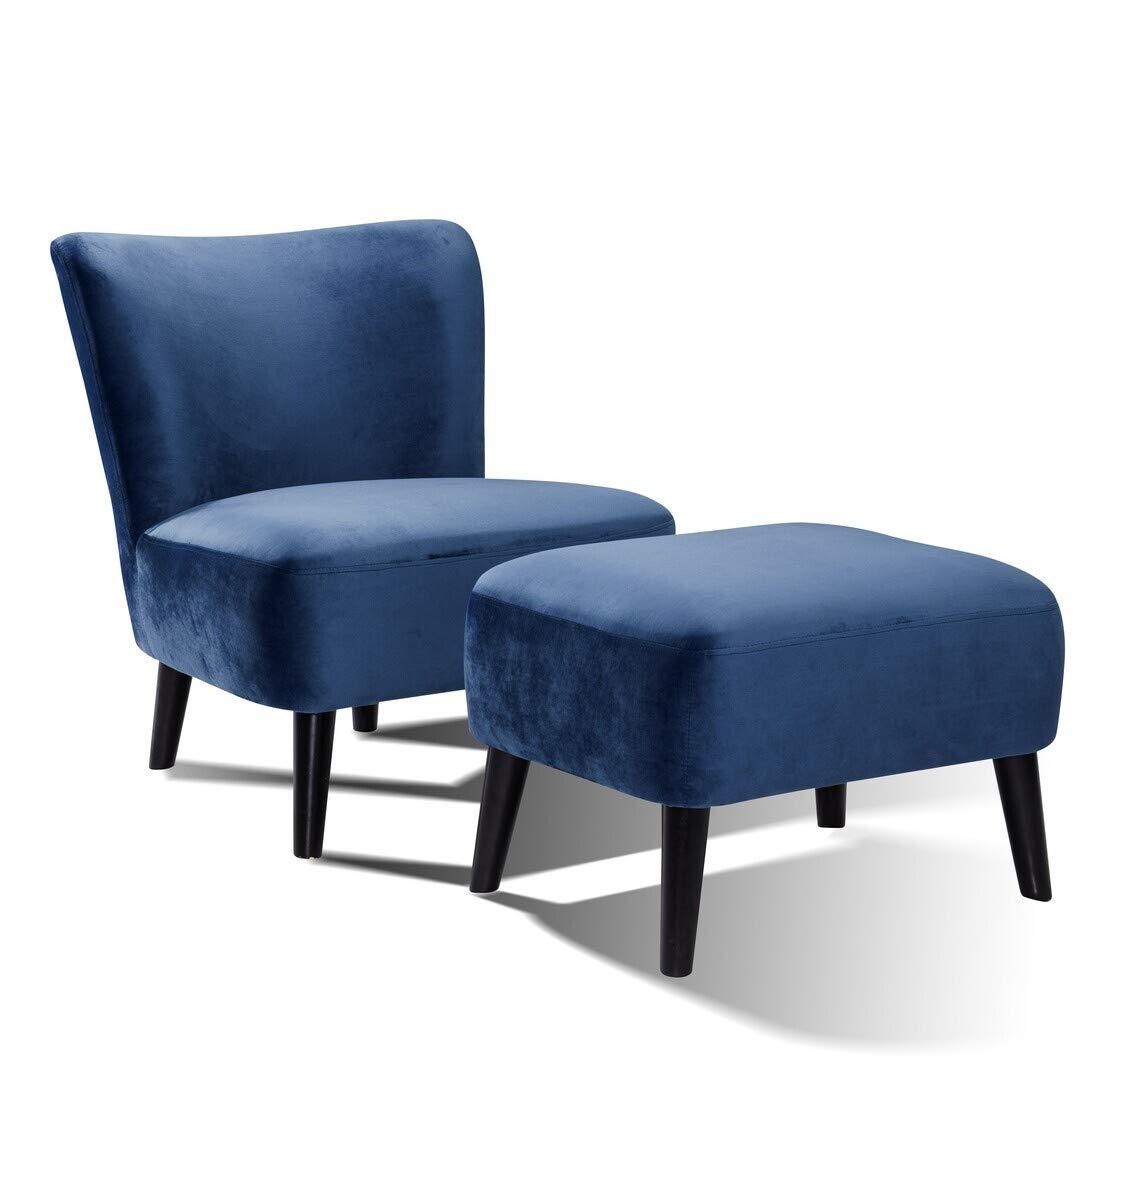 MONTEMAGGI Poltrona in Tessuto Blu e Gambe Nere da Soggiorno 58x68x75 cm